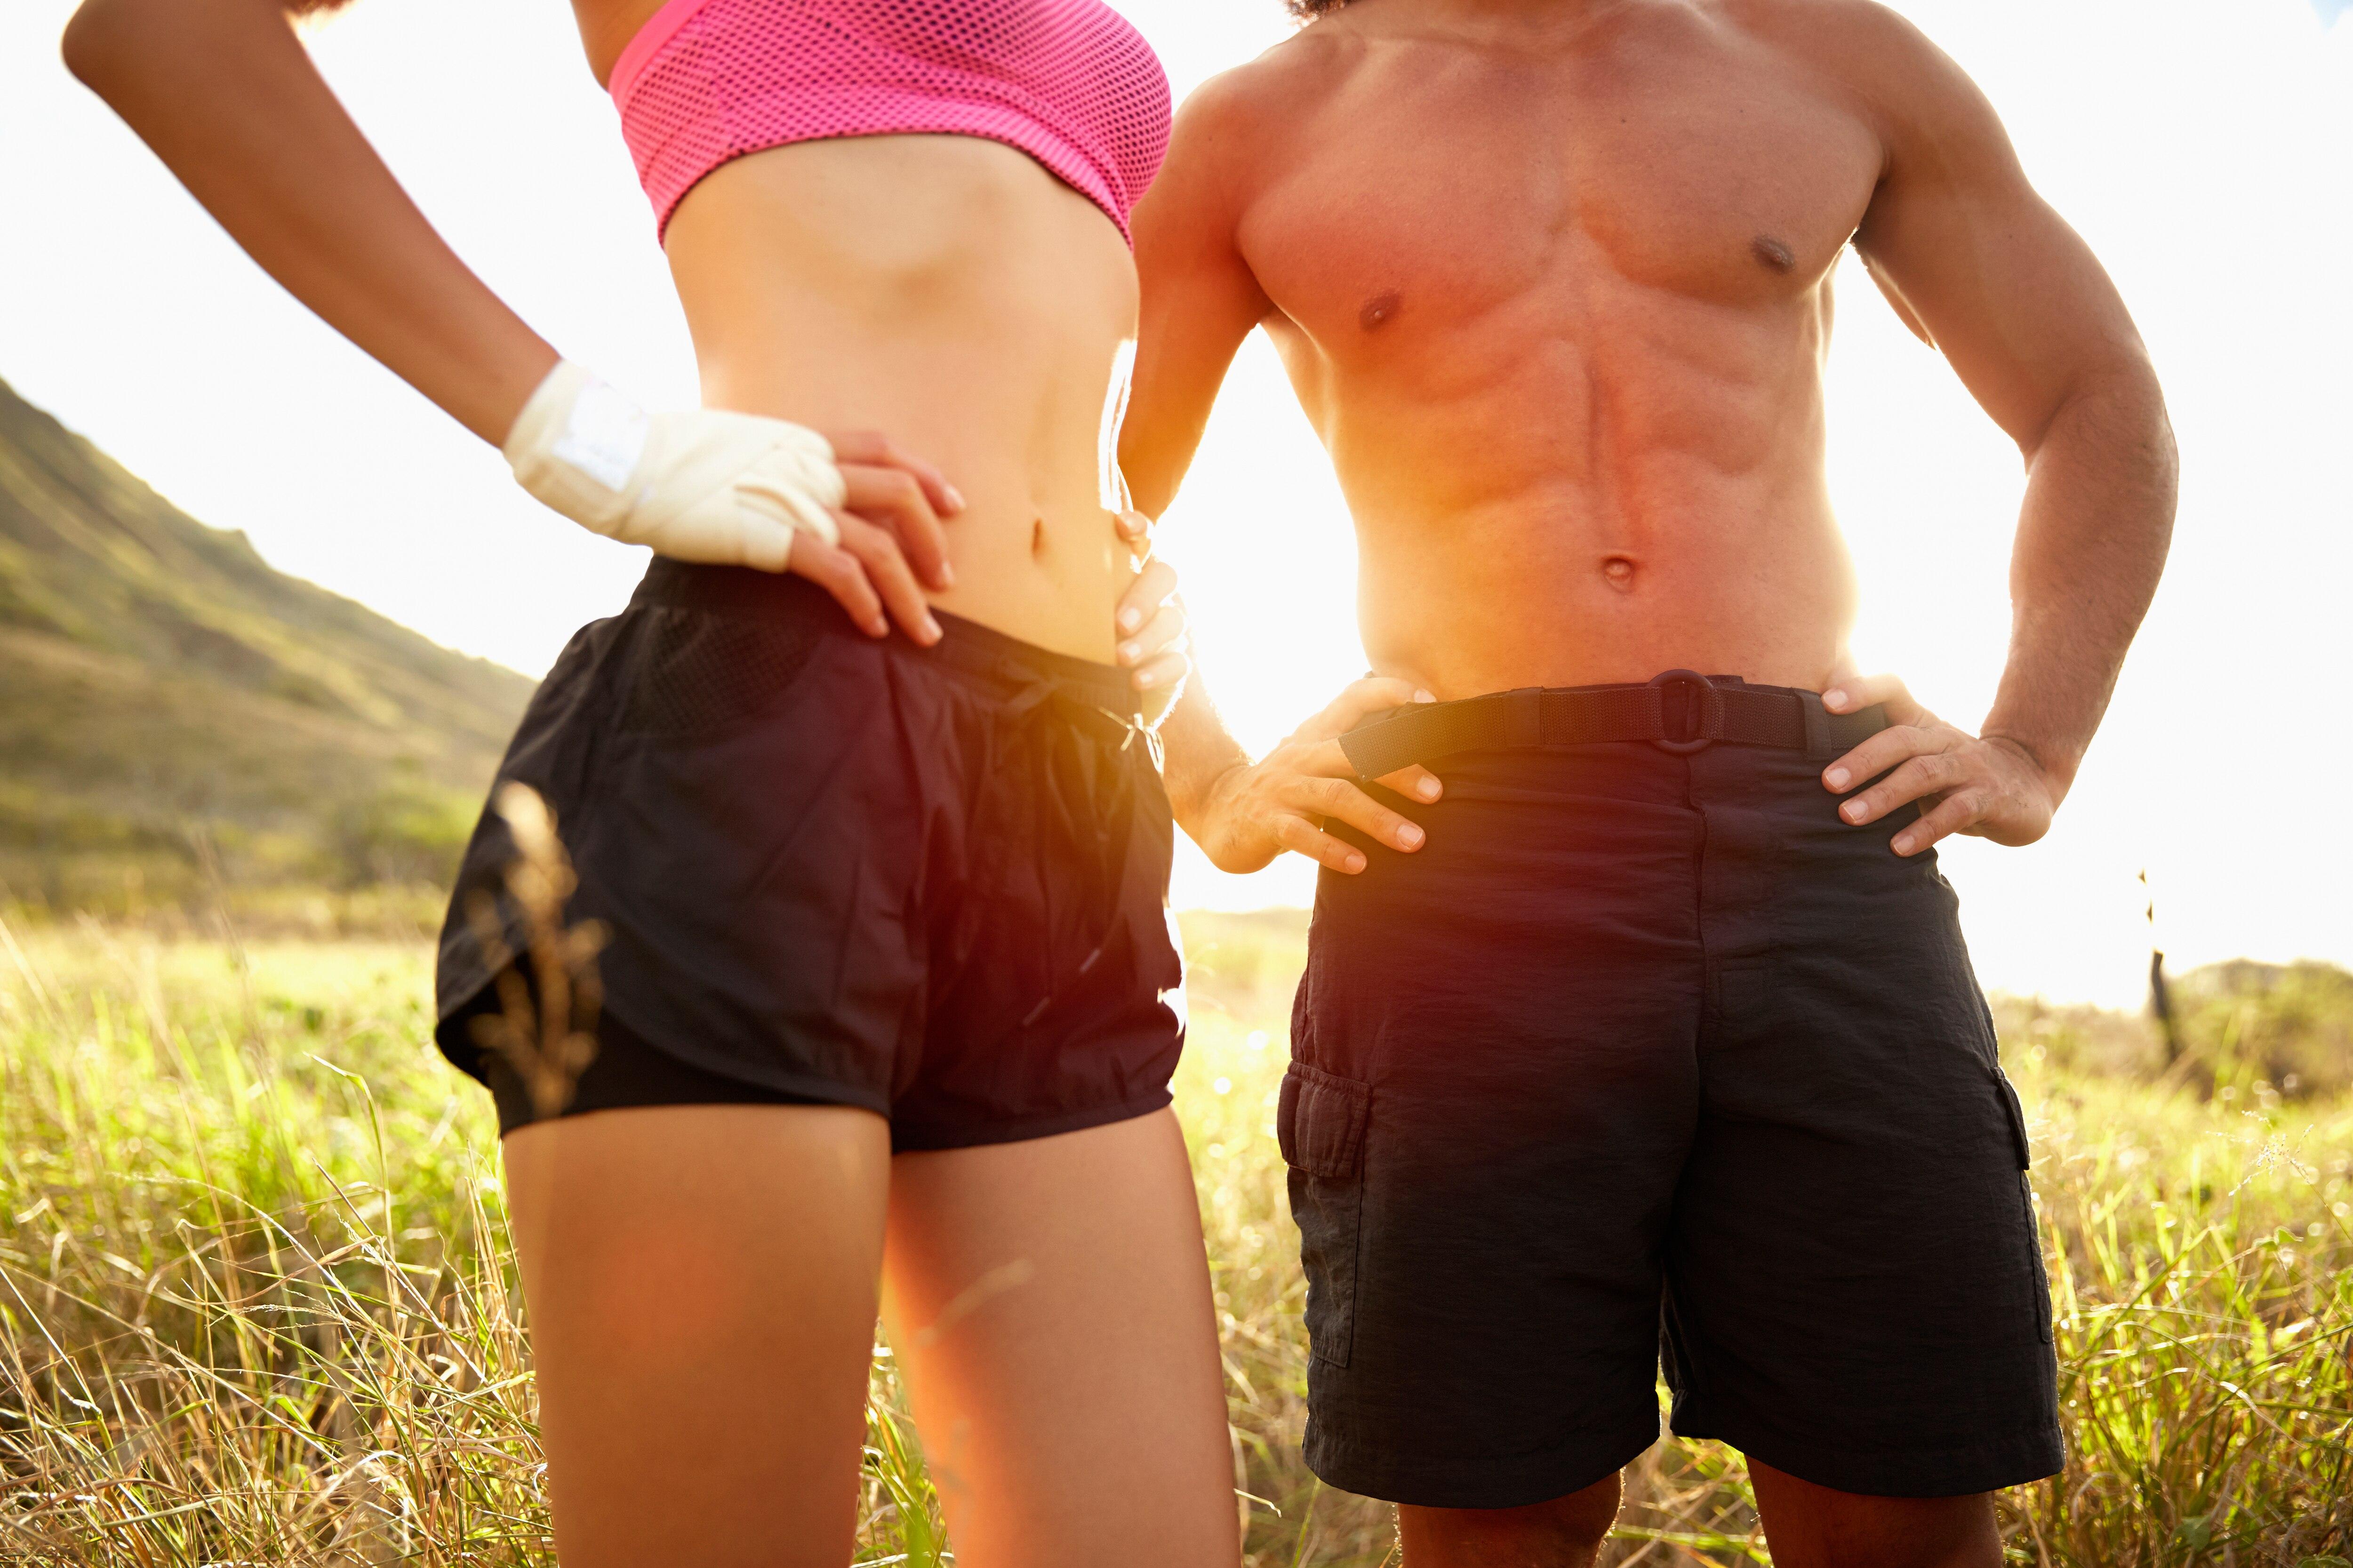 Übungen zum Abnehmen des Bauches für Männer